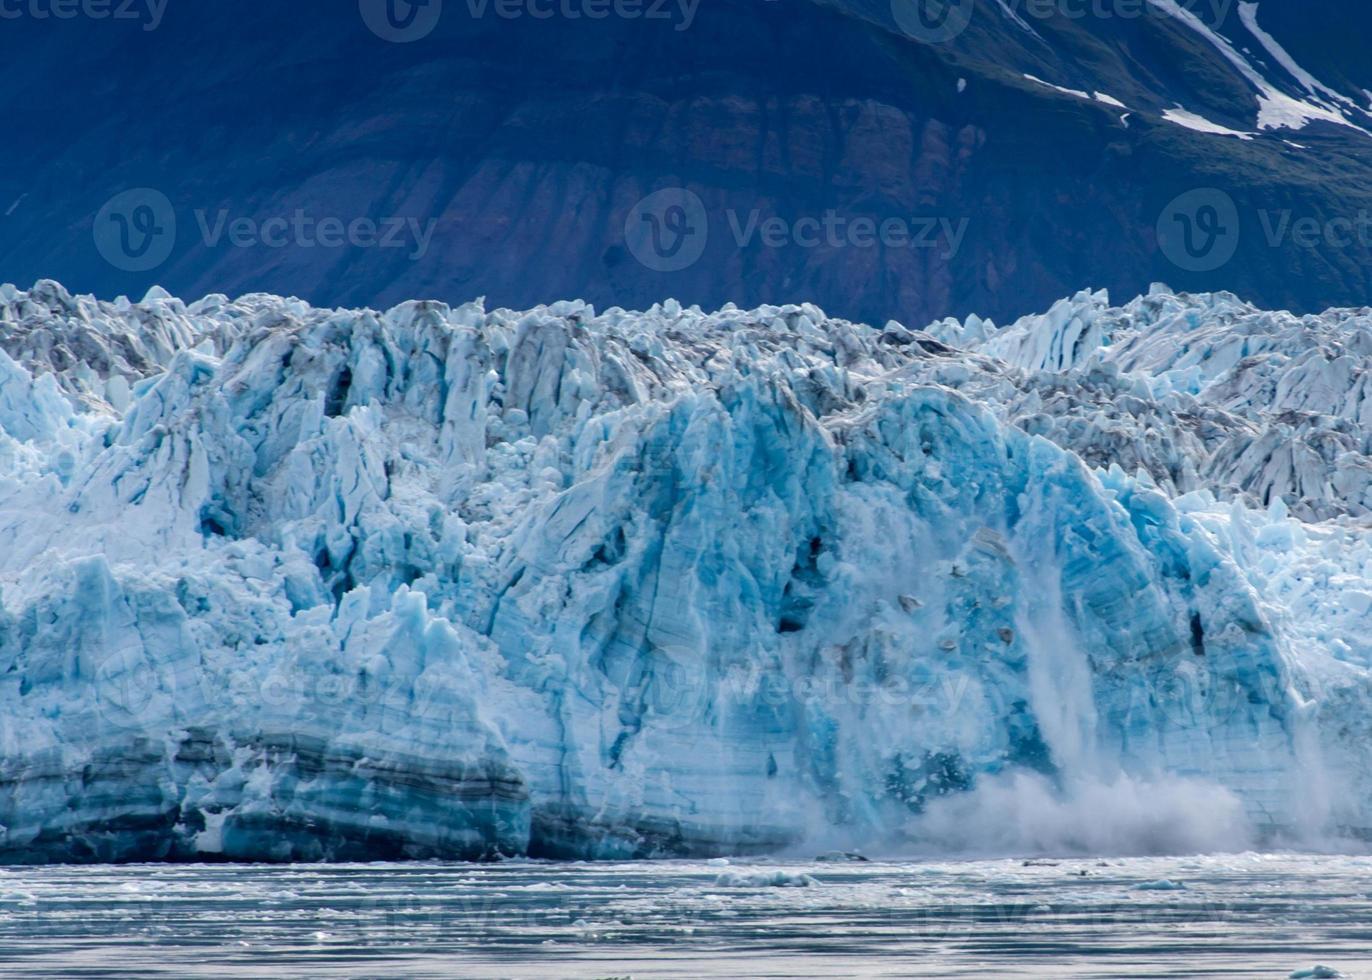 ghiaccio frastagliato che si spezza sul bordo foto